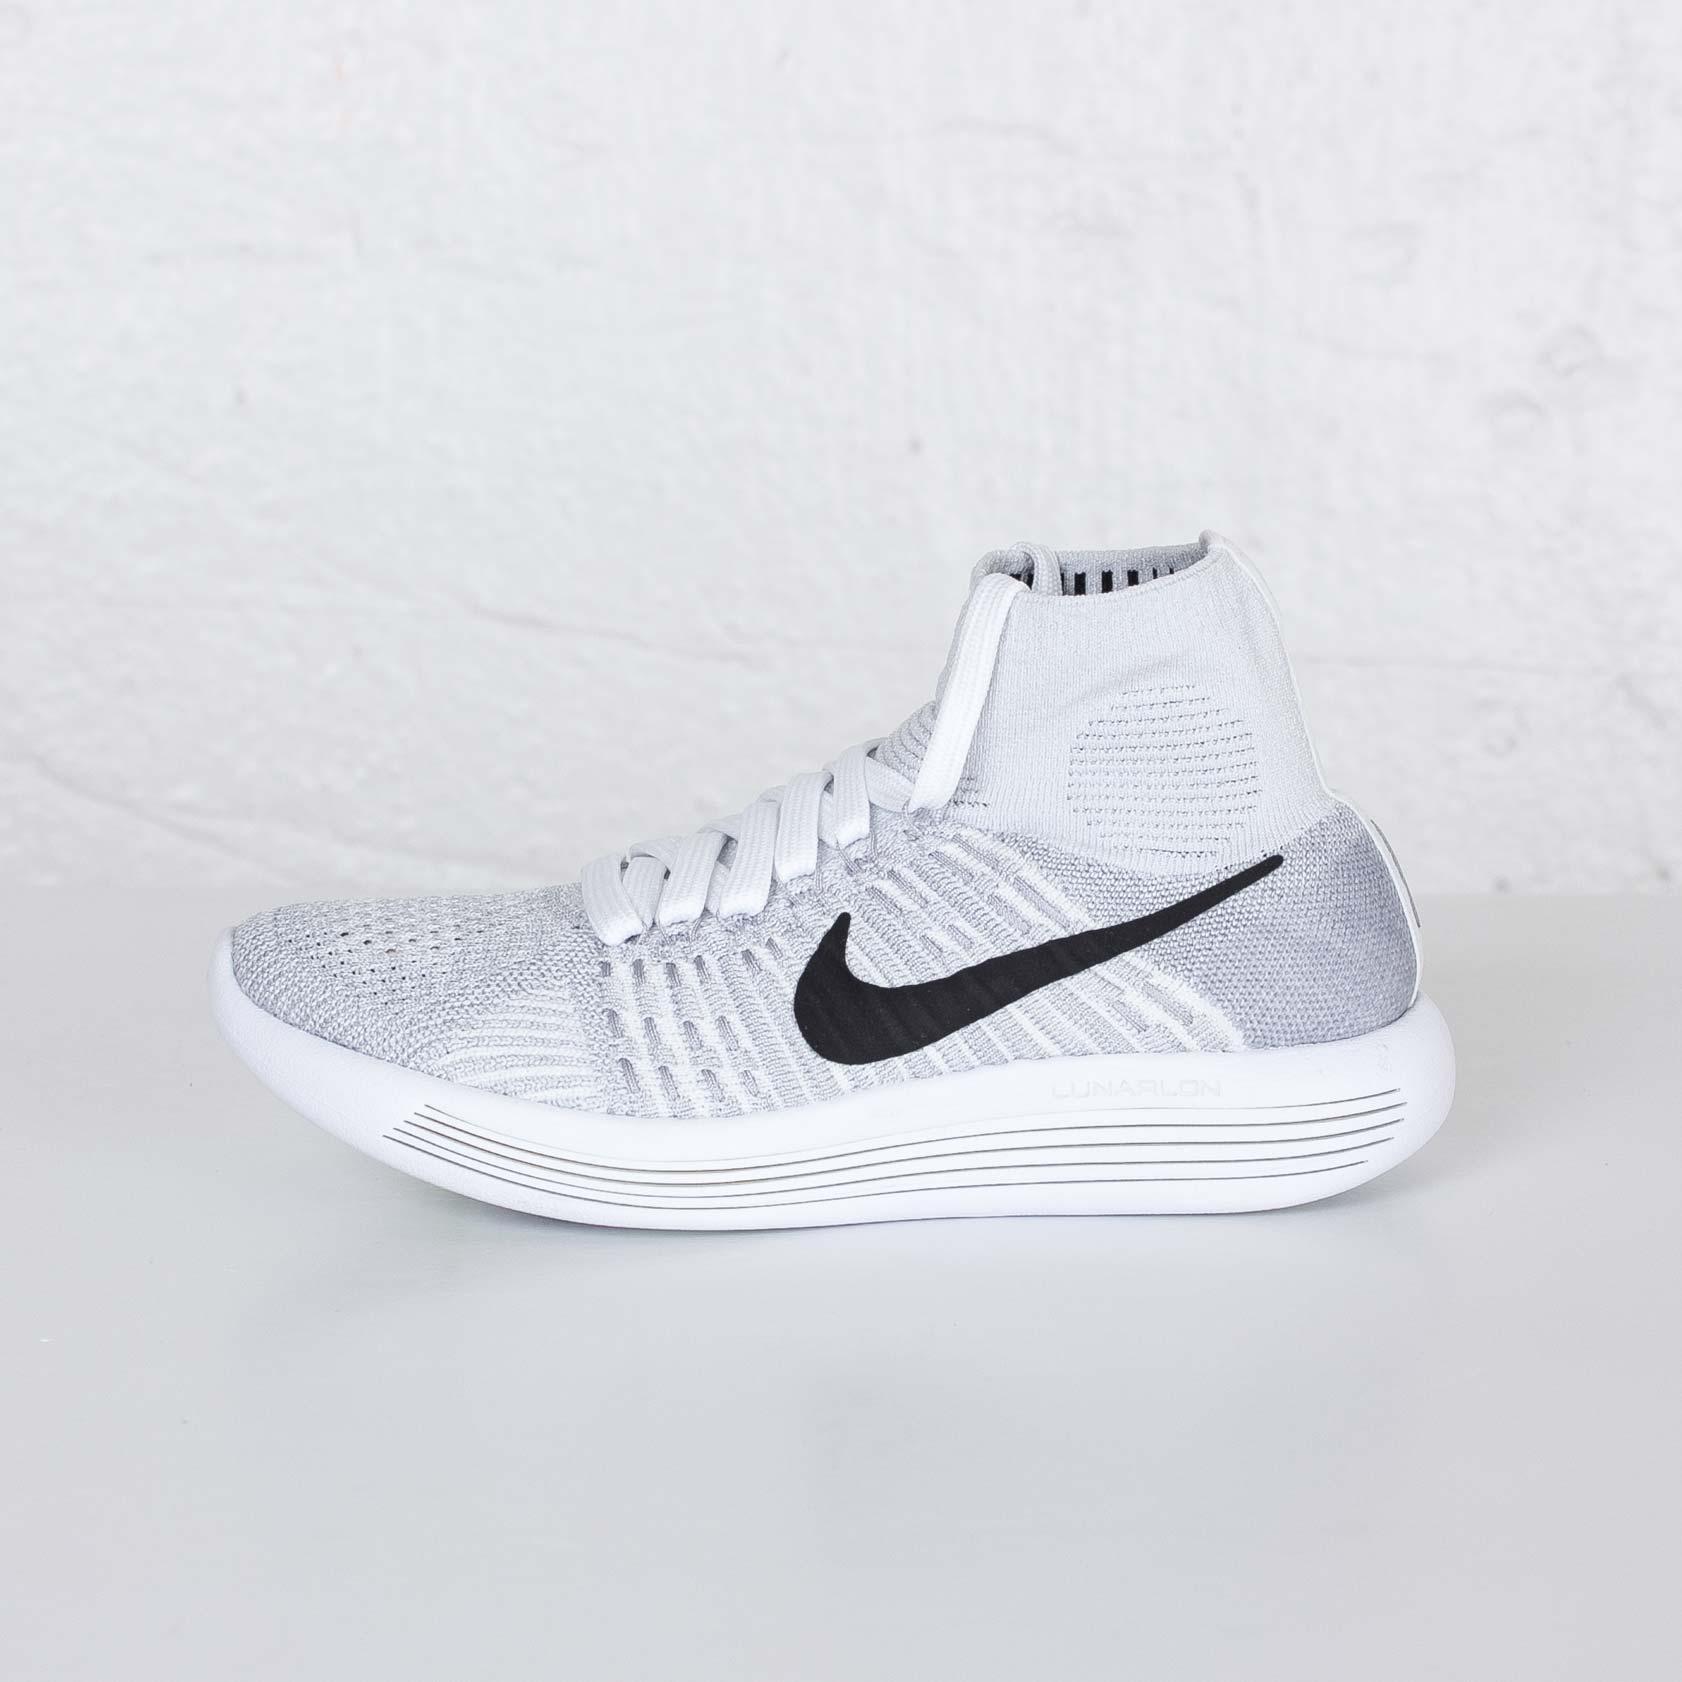 wholesale dealer 0041a 15cba Nike Wmns Lunarepic Flyknit - 818677-102 - Sneakersnstuff ...